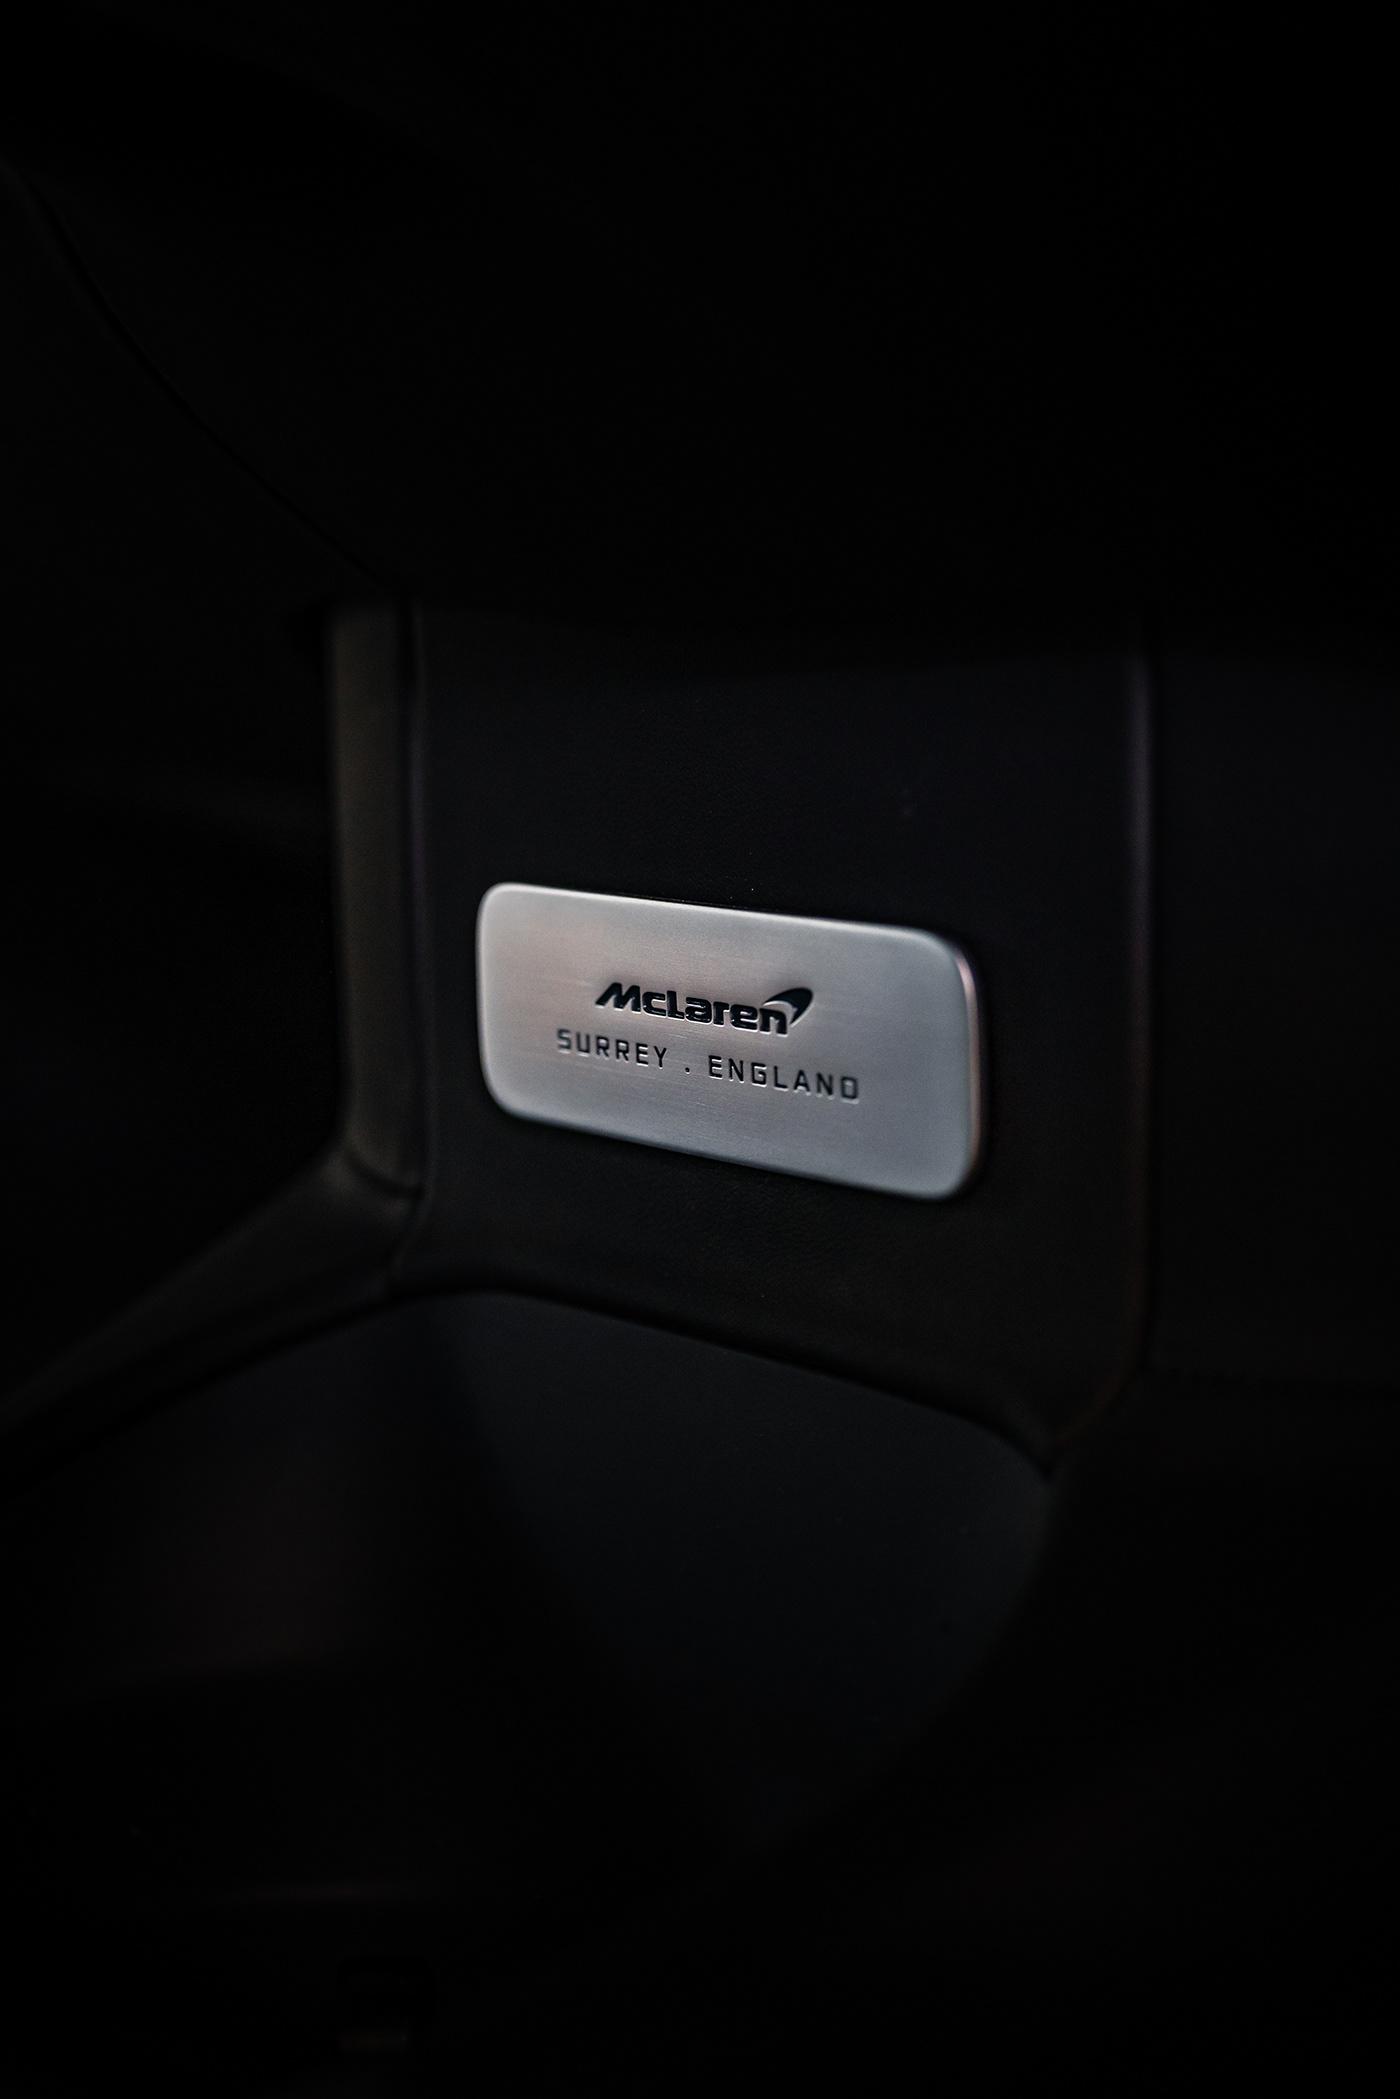 600lt 720s Artura dörr group dörr gruppe McLaren mclaren 600lt mclaren 720s mclaren artura McLaren P1 motorworld München munich